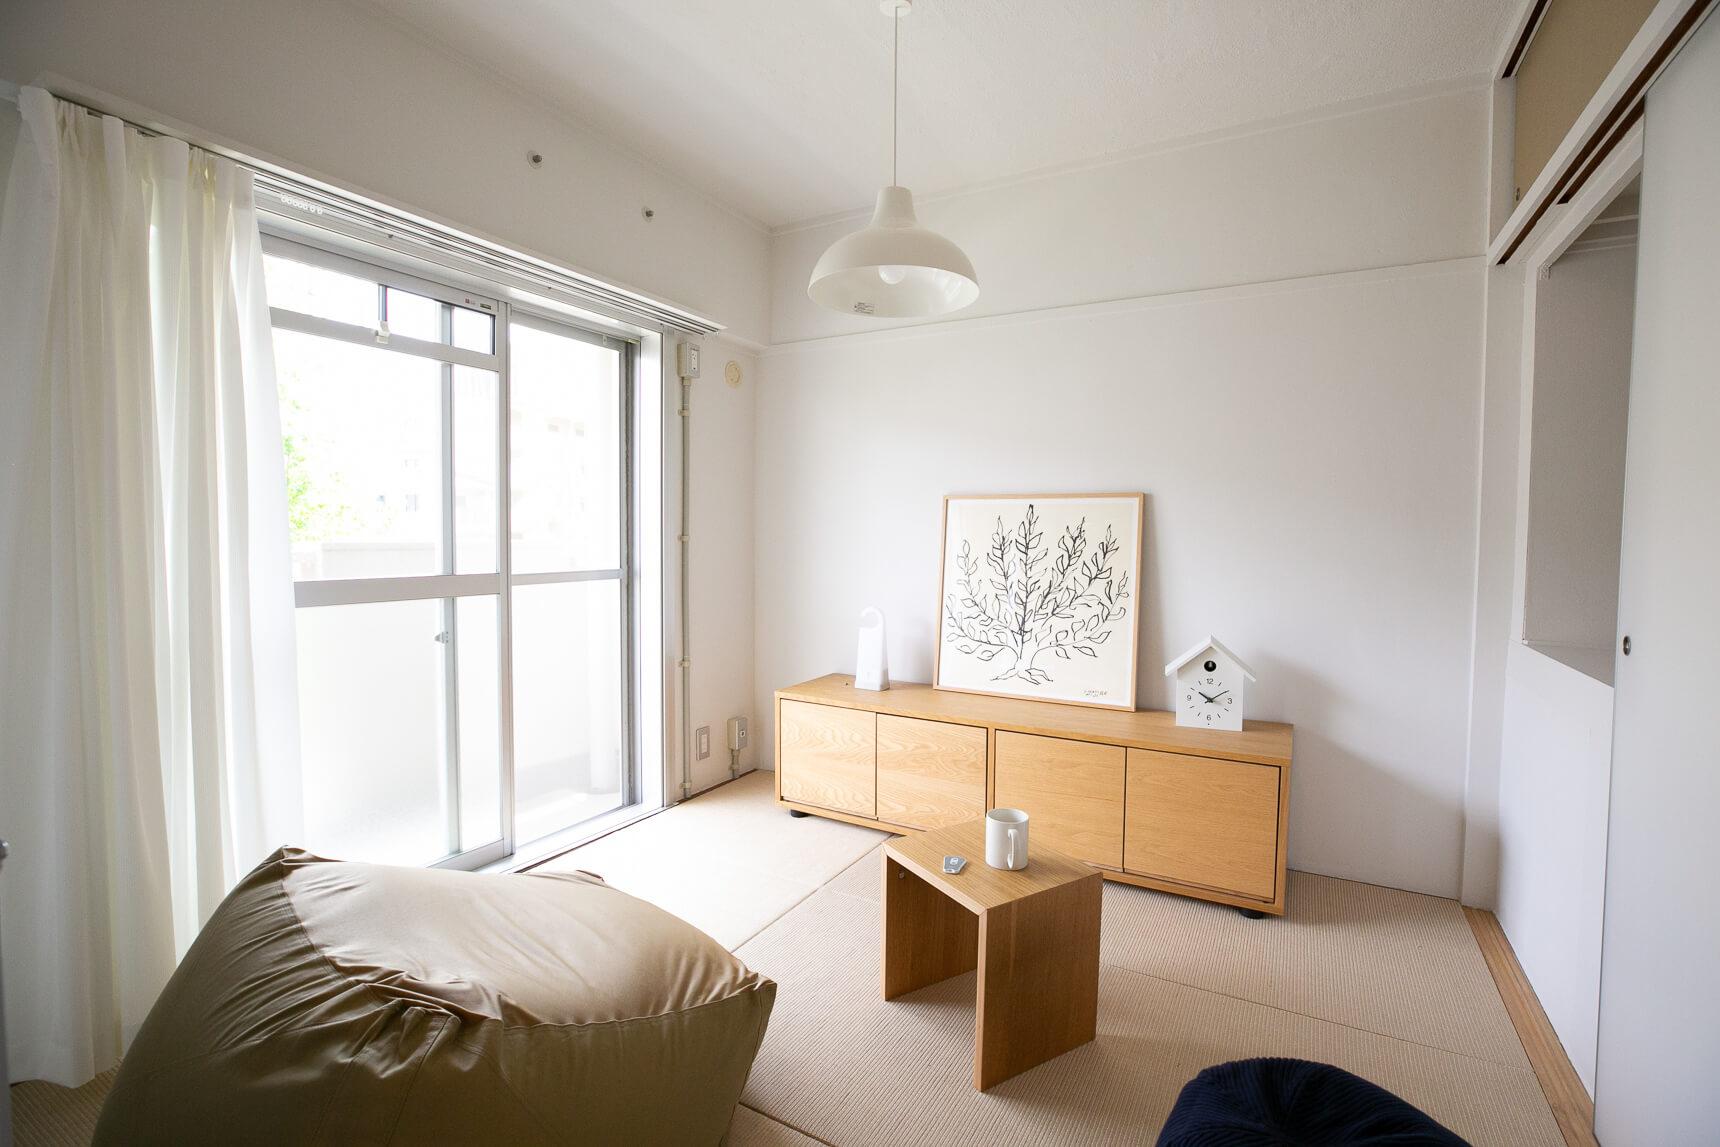 和室は麻畳にリニューアル。しっかりとした素材なので、ソファなどを置いて洋室スタイルで使うこともできます。